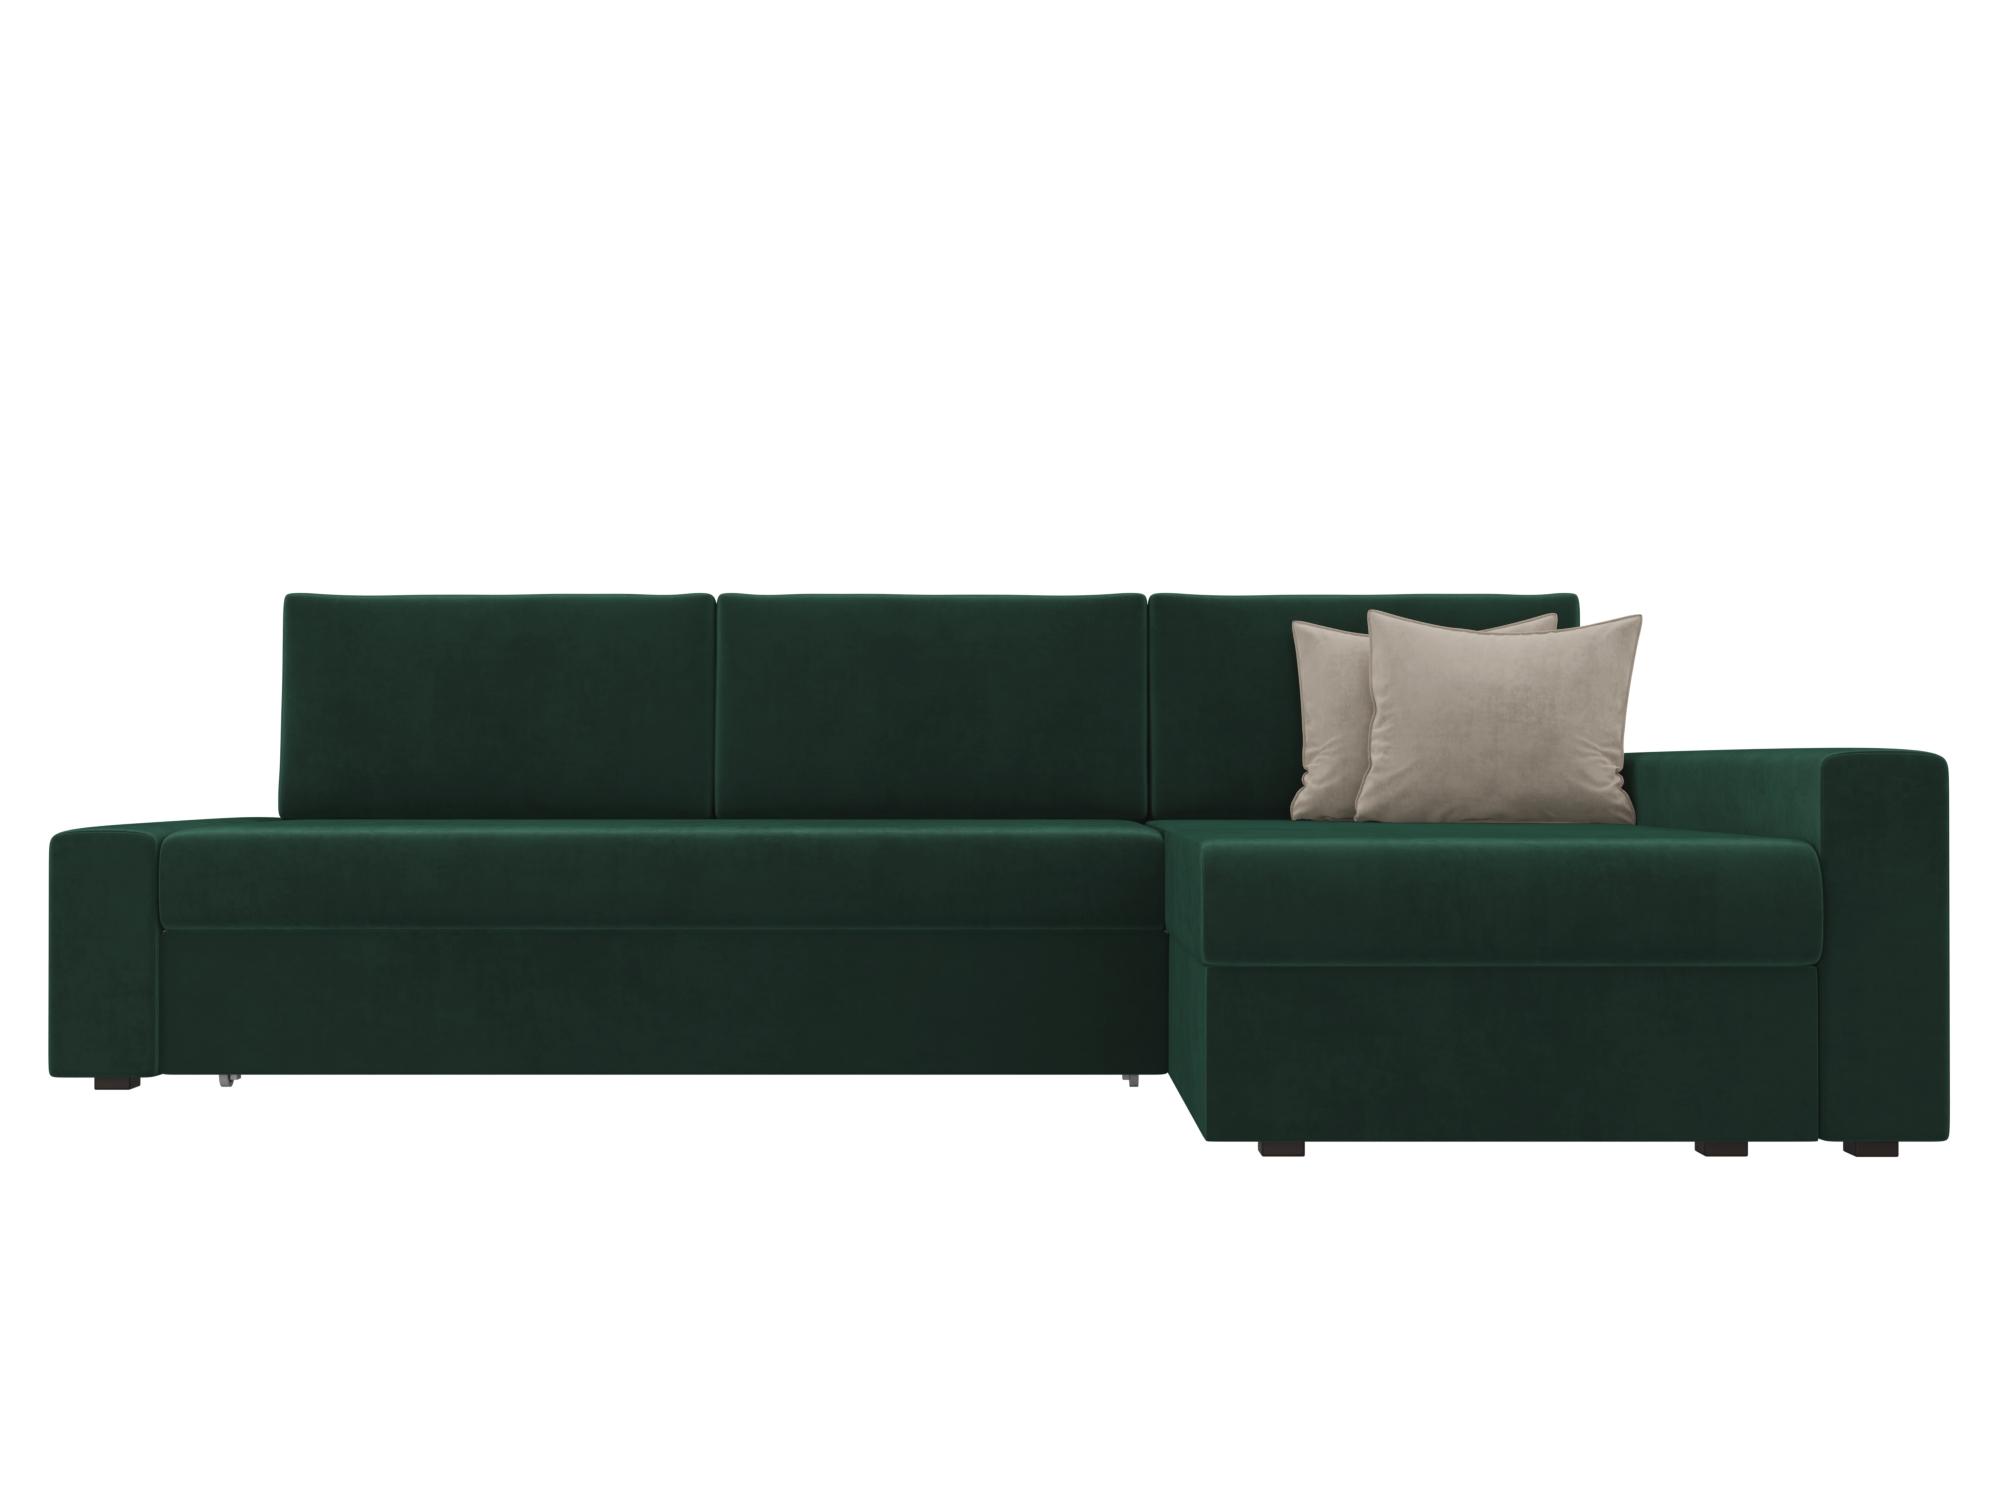 Угловой диван Версаль Правый MebelVia Зеленый